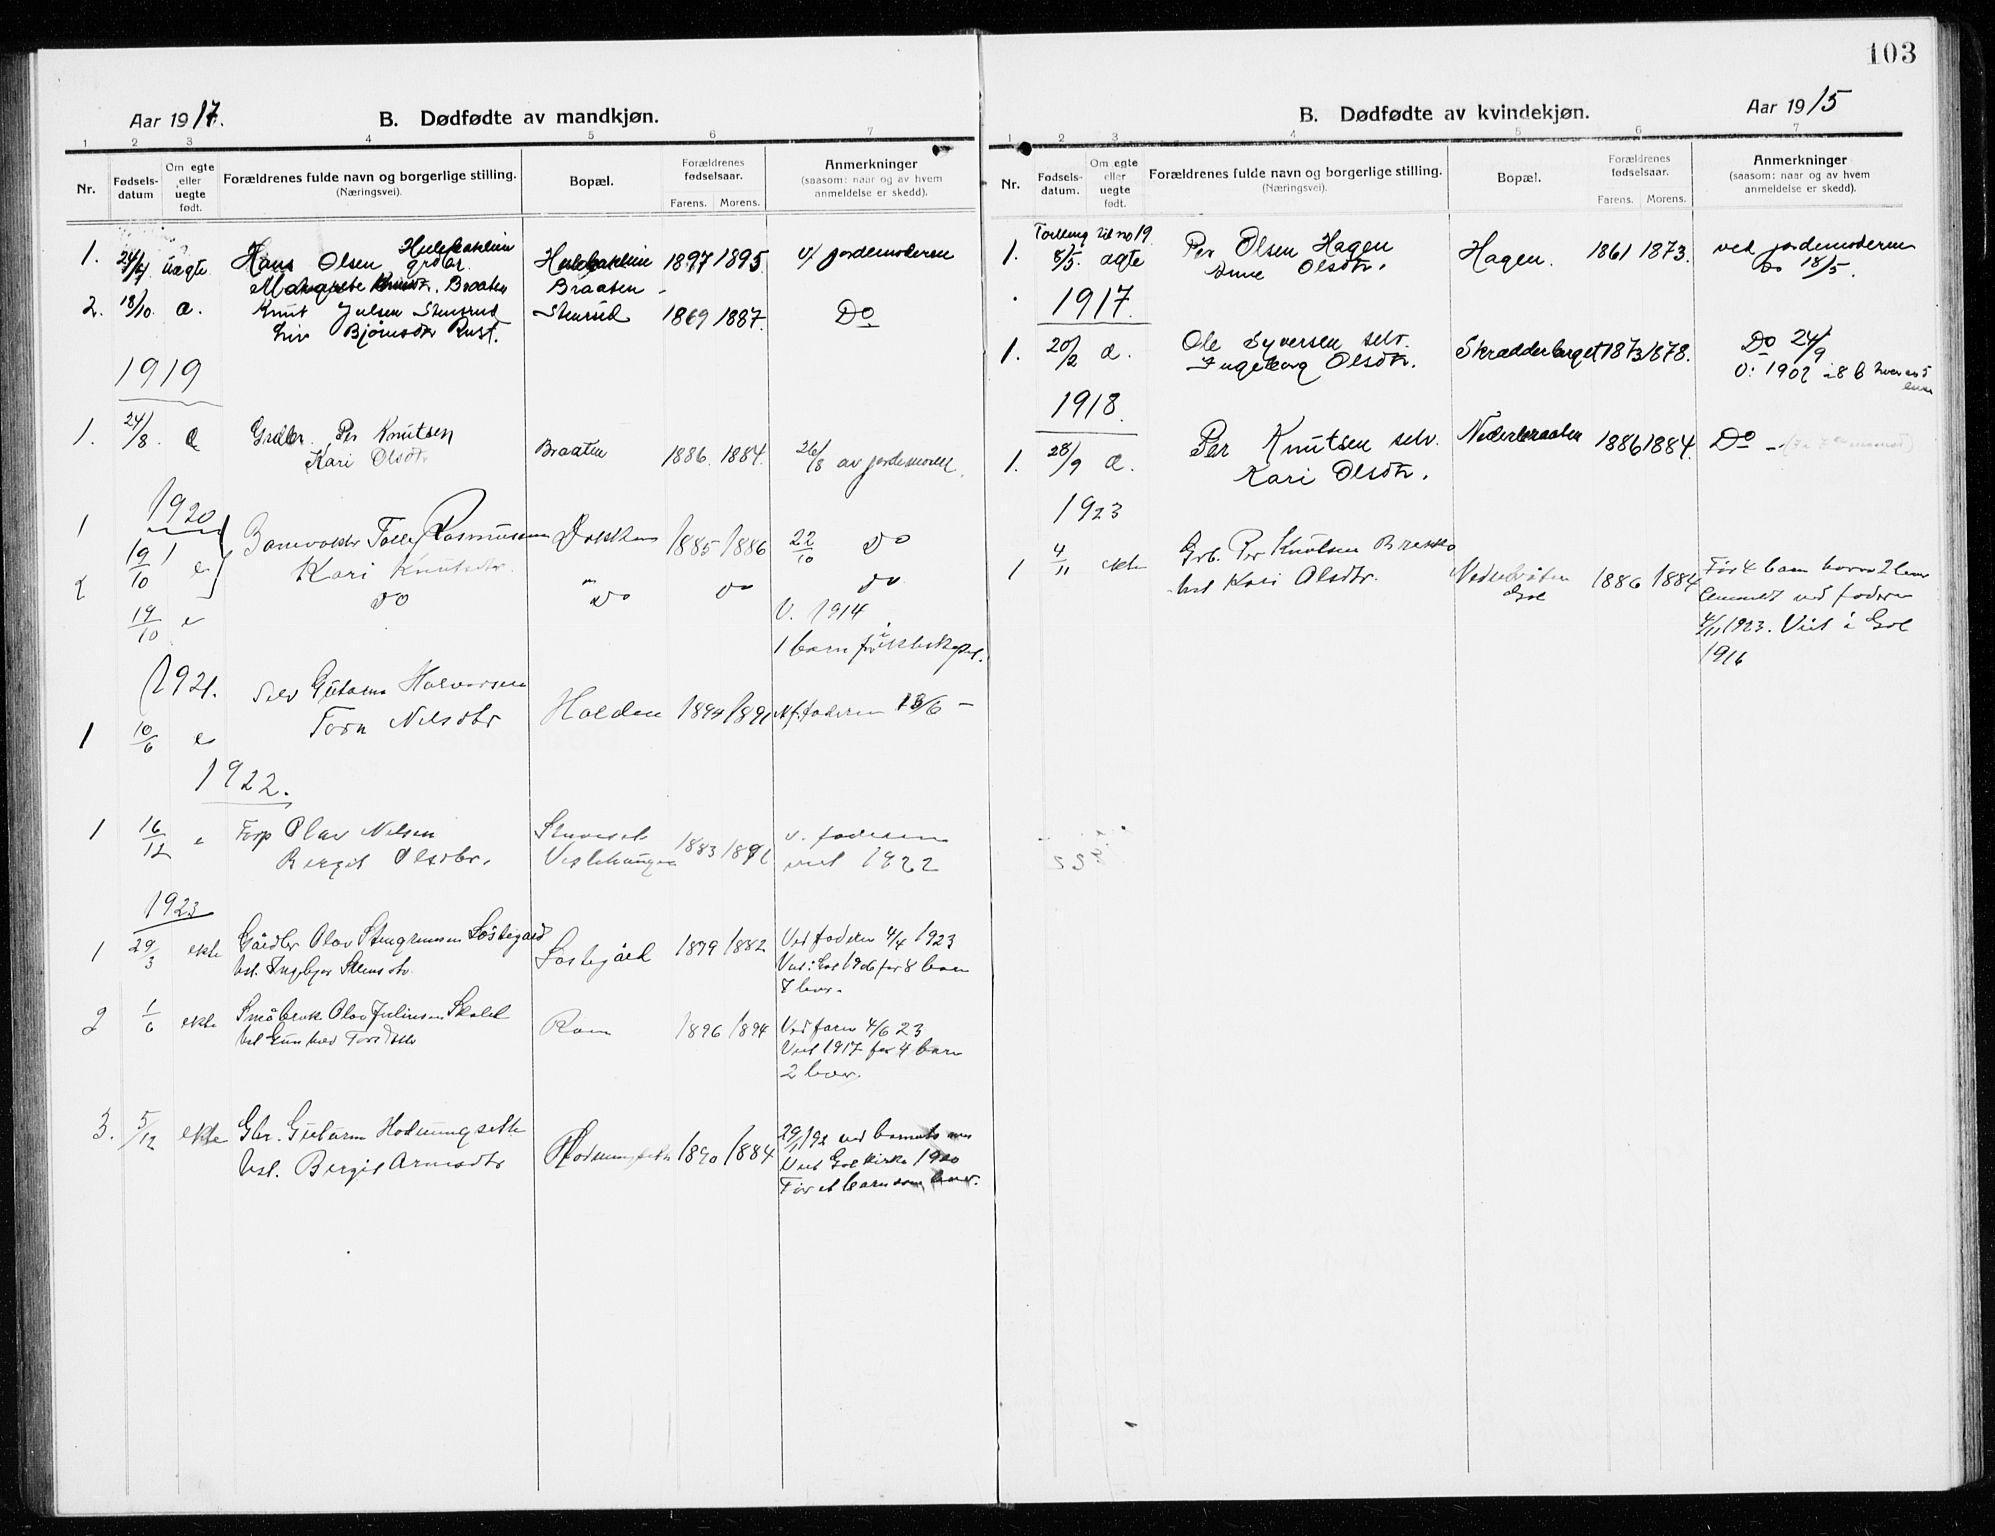 SAKO, Gol kirkebøker, G/Ga/L0004: Klokkerbok nr. I 4, 1915-1943, s. 103